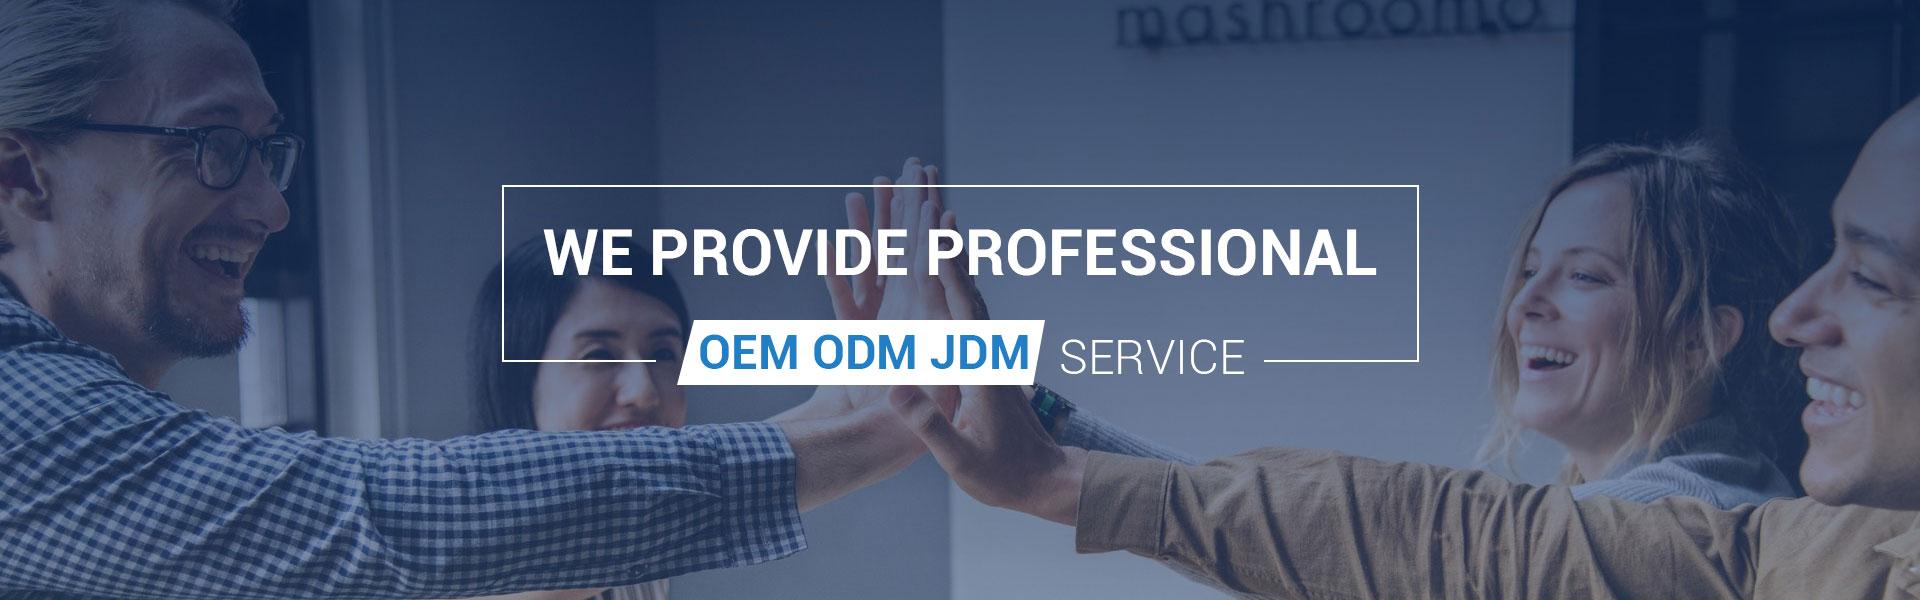 OEM ODM JDM Service